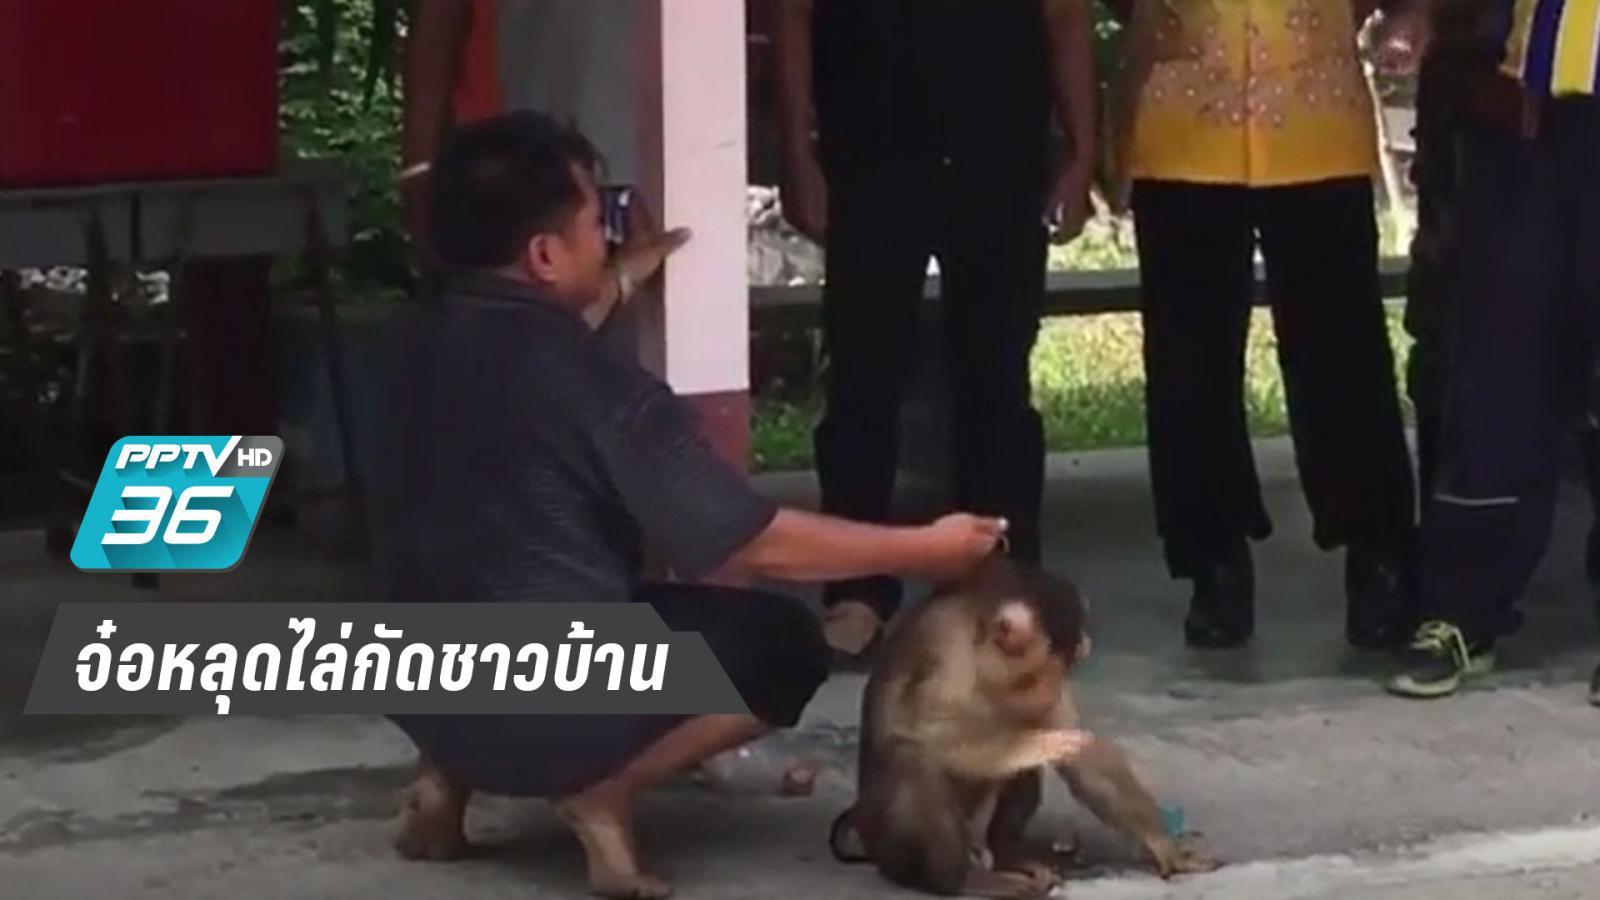 """""""เจ้ายุทธ์""""ลิงกัง หลุดไล่กัดชาวบ้านเจ็บ 1 เจ้าของนำไข่ไก่มาล่อจึงสิ้นฤทธิ์"""